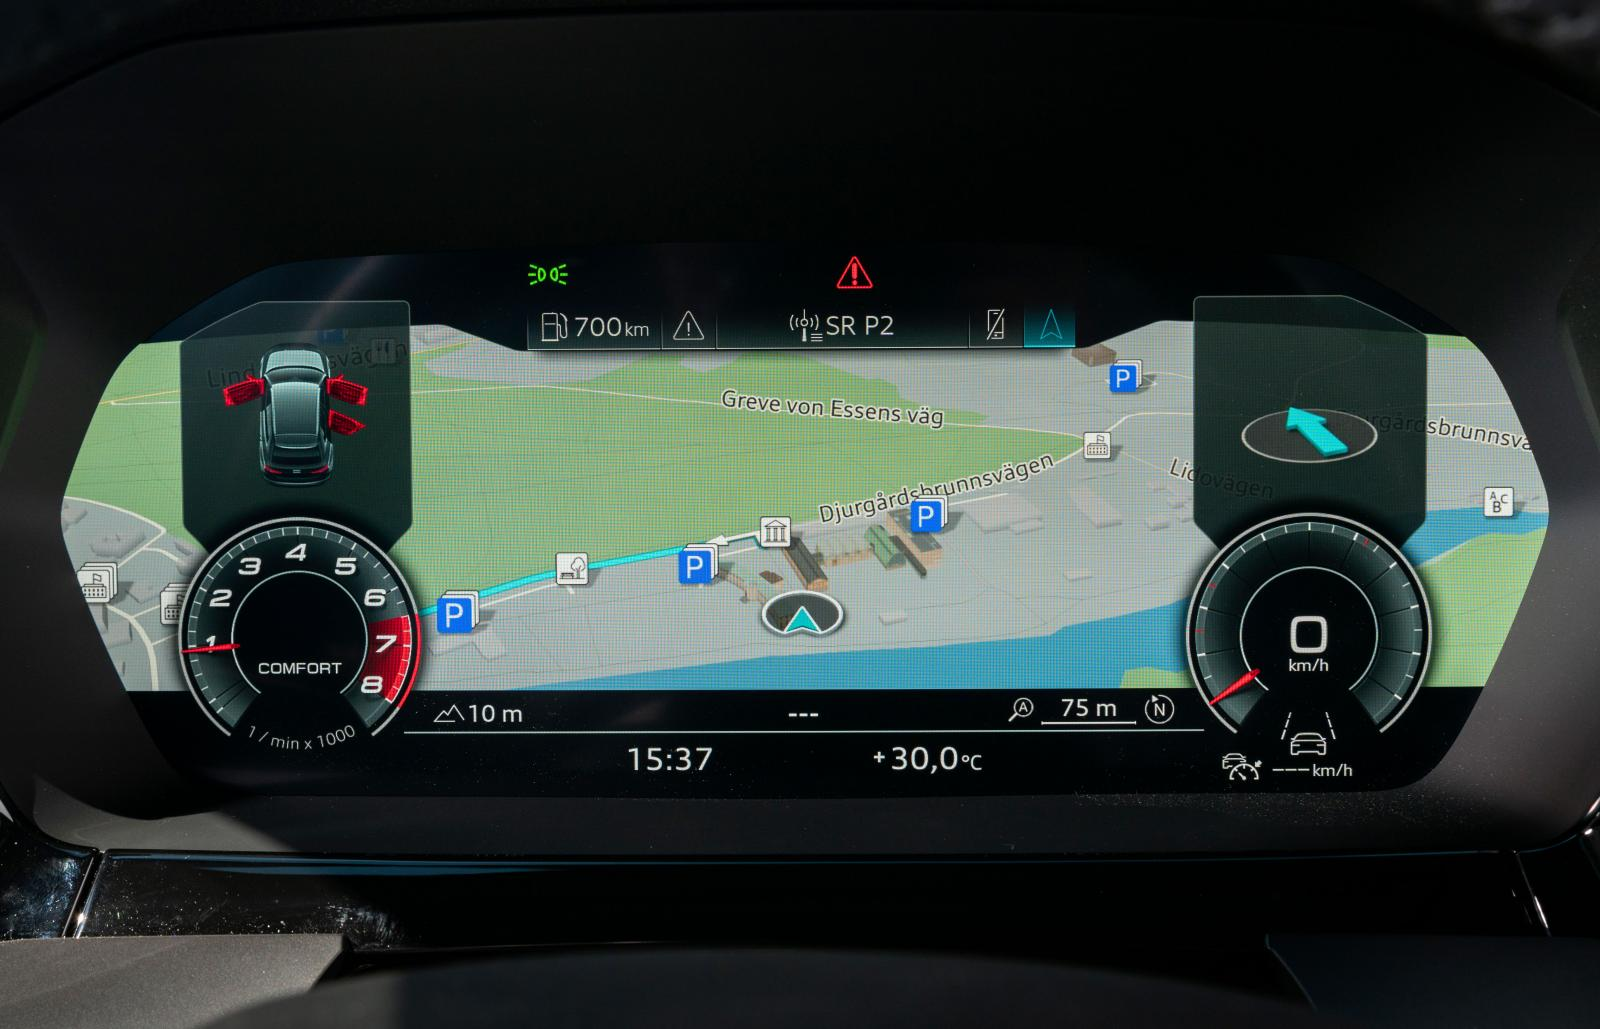 Skärmbaserad instrumentering är standard i A3, men finns i två utföranden. Möjligheten att kunna visa en stor kartbild och små mätartavlor har sina poänger.